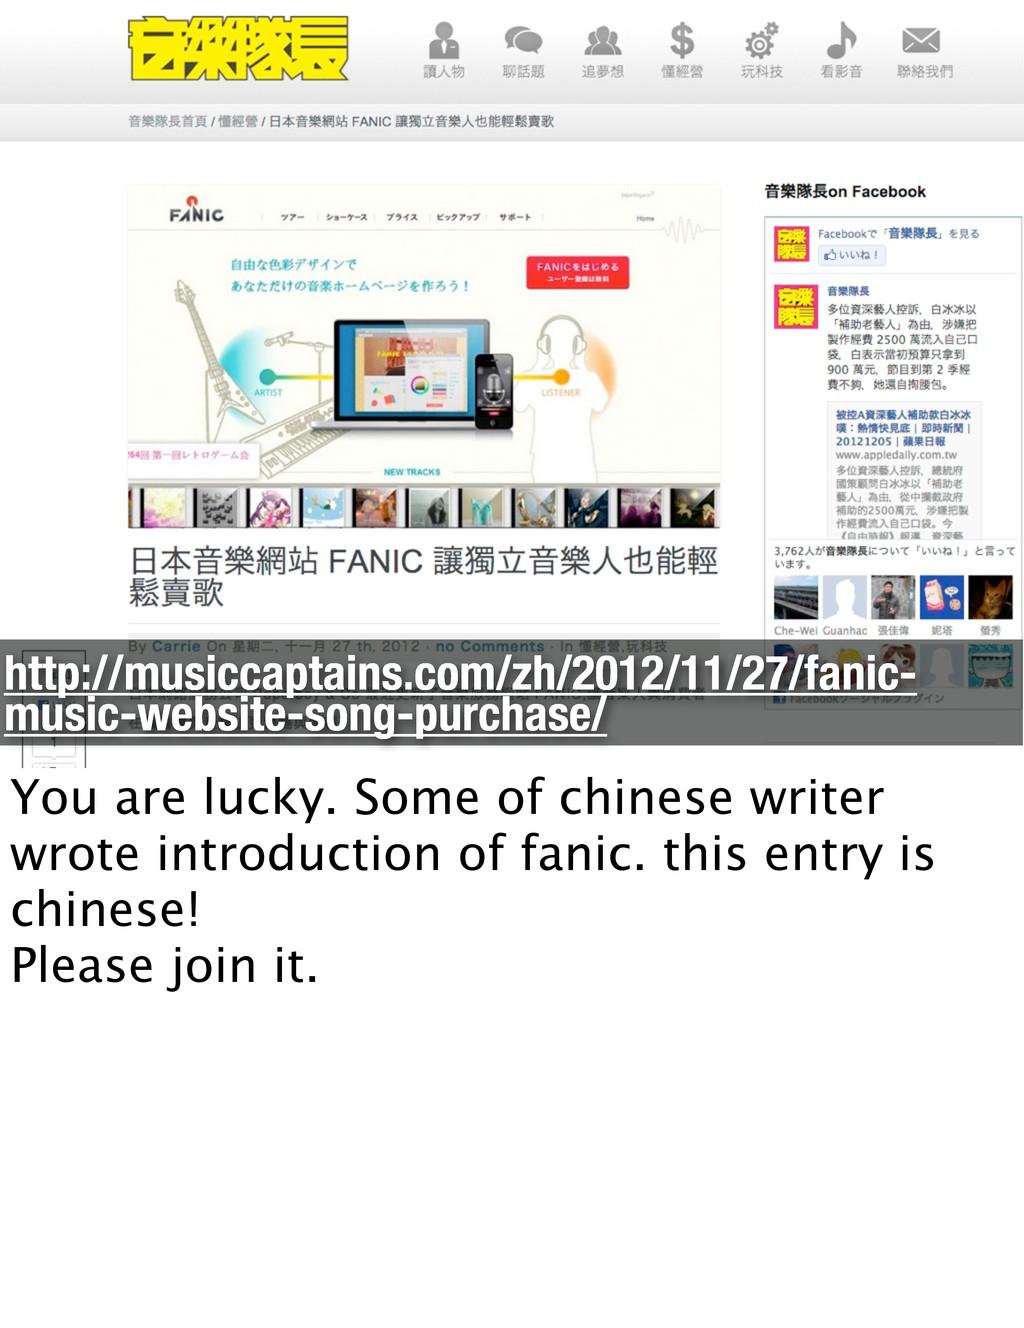 http://musiccaptains.com/zh/2012/11/27/fanic- m...